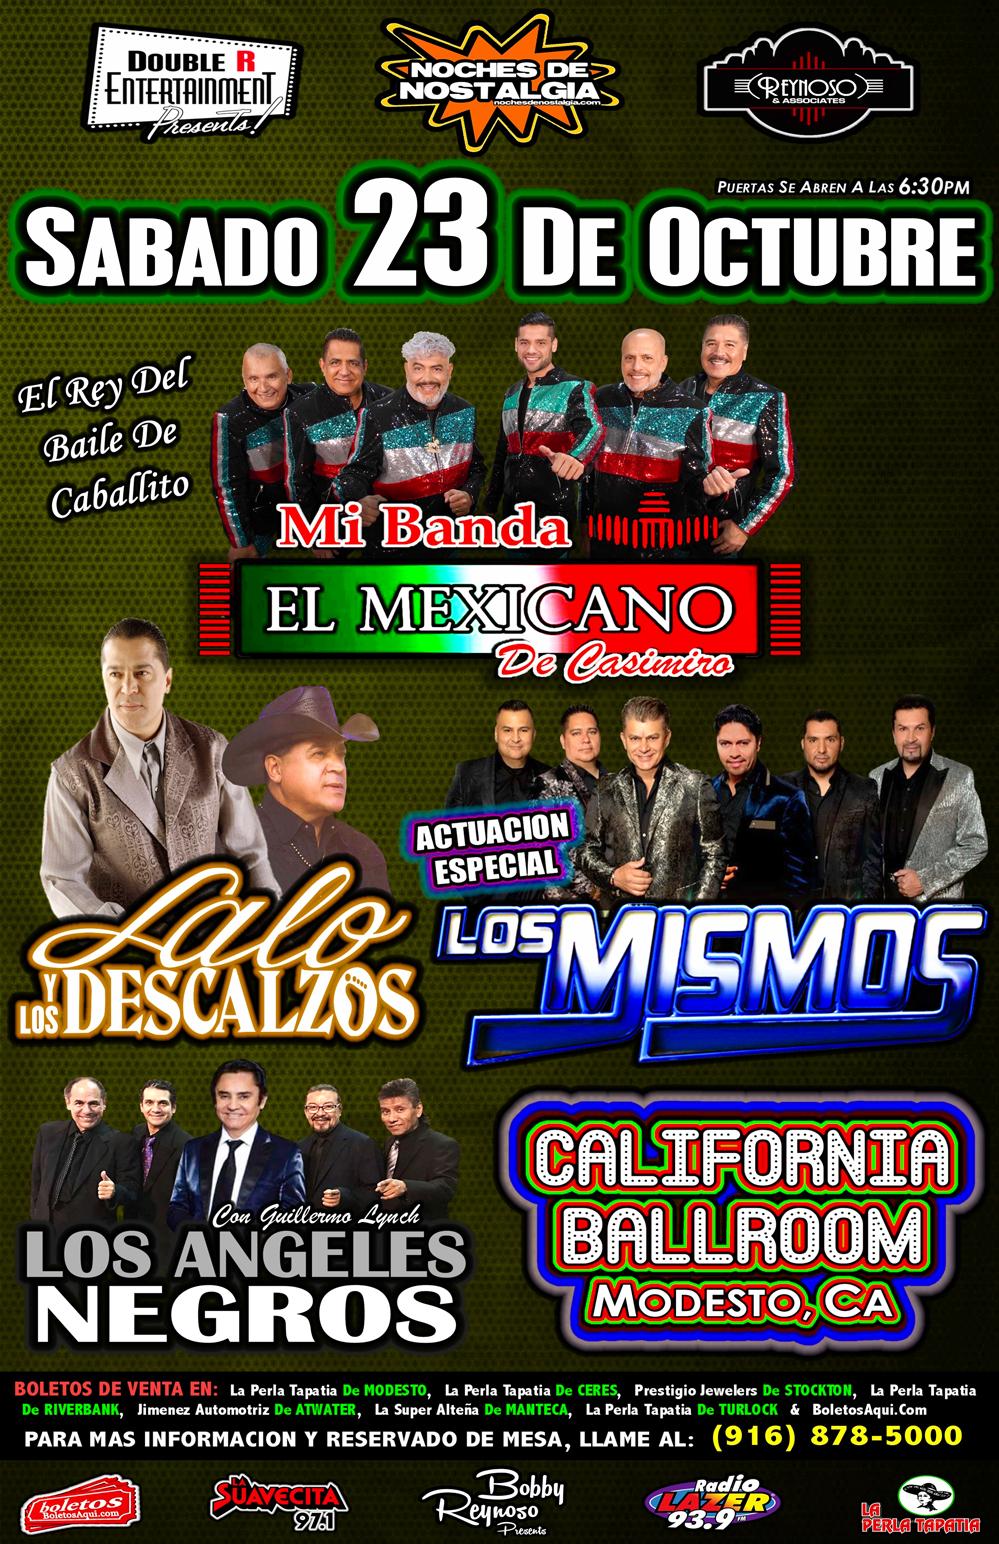 Mi Banda el Mexicano, Los Angeles Negros, Lalo y los Descalzos y la actuacion especial de Los Mismos. – California Ballroom – Modesto, CA